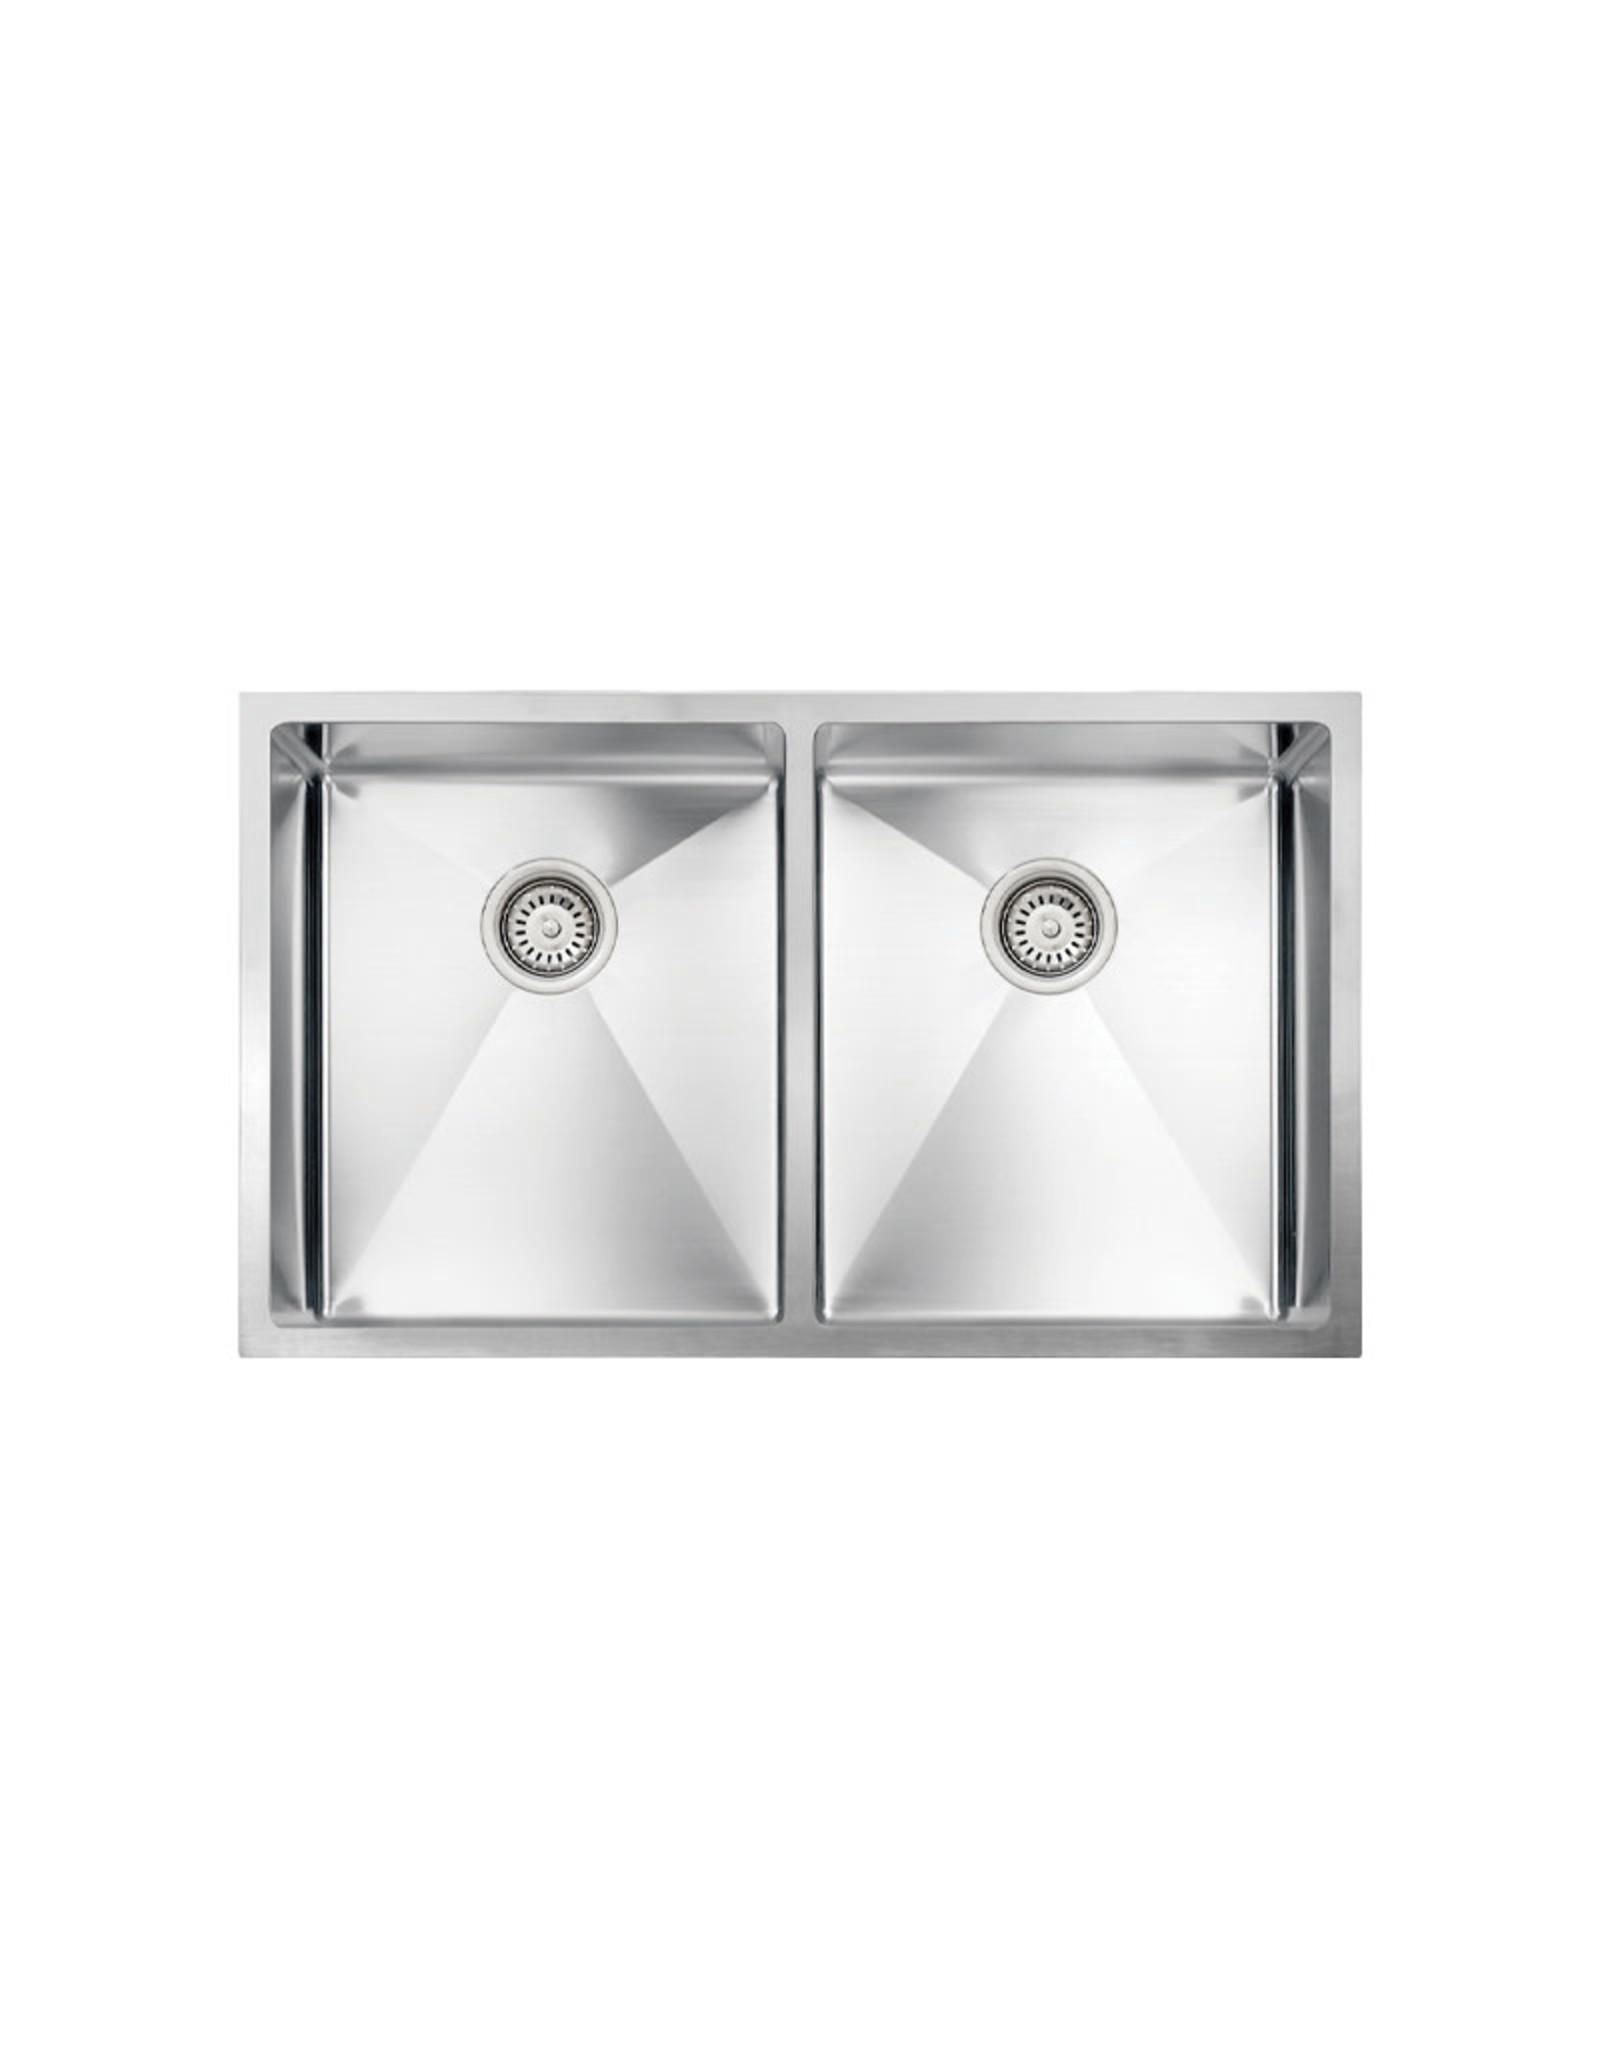 vogt vogt bludenz 18r undermount kitchen sink double bowl 50 50 32 x 18 x 9